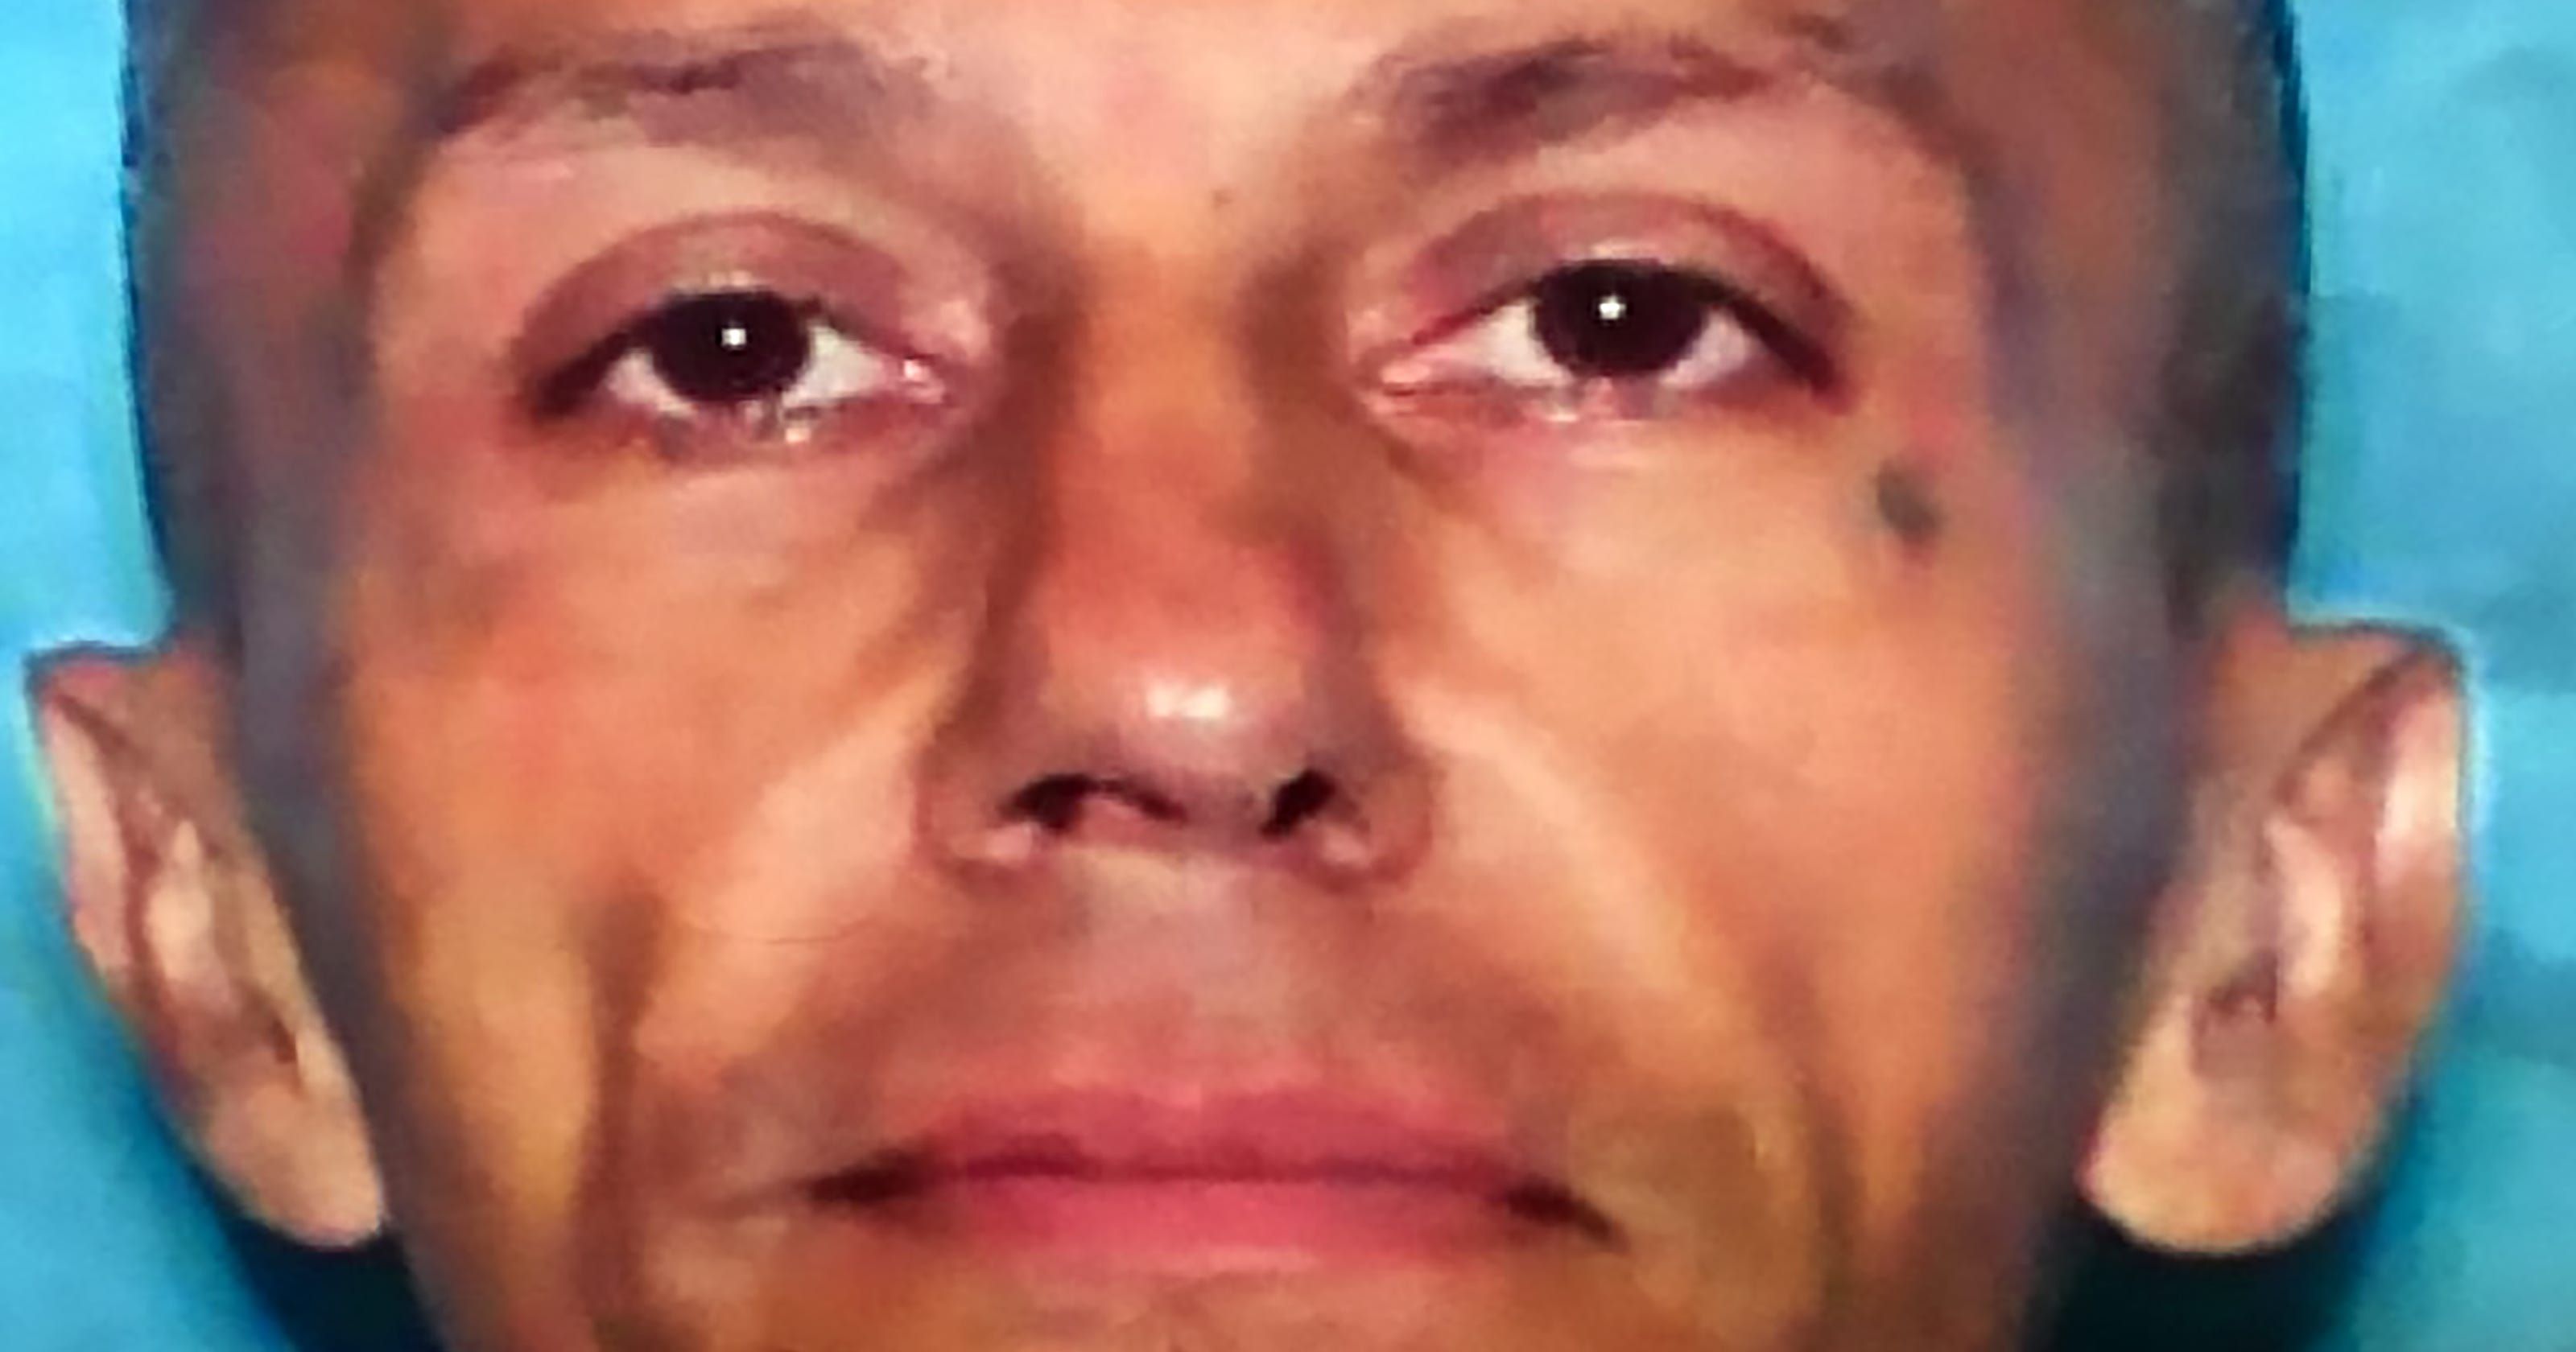 Suspected serial killer linked to 3 murders, violent crime